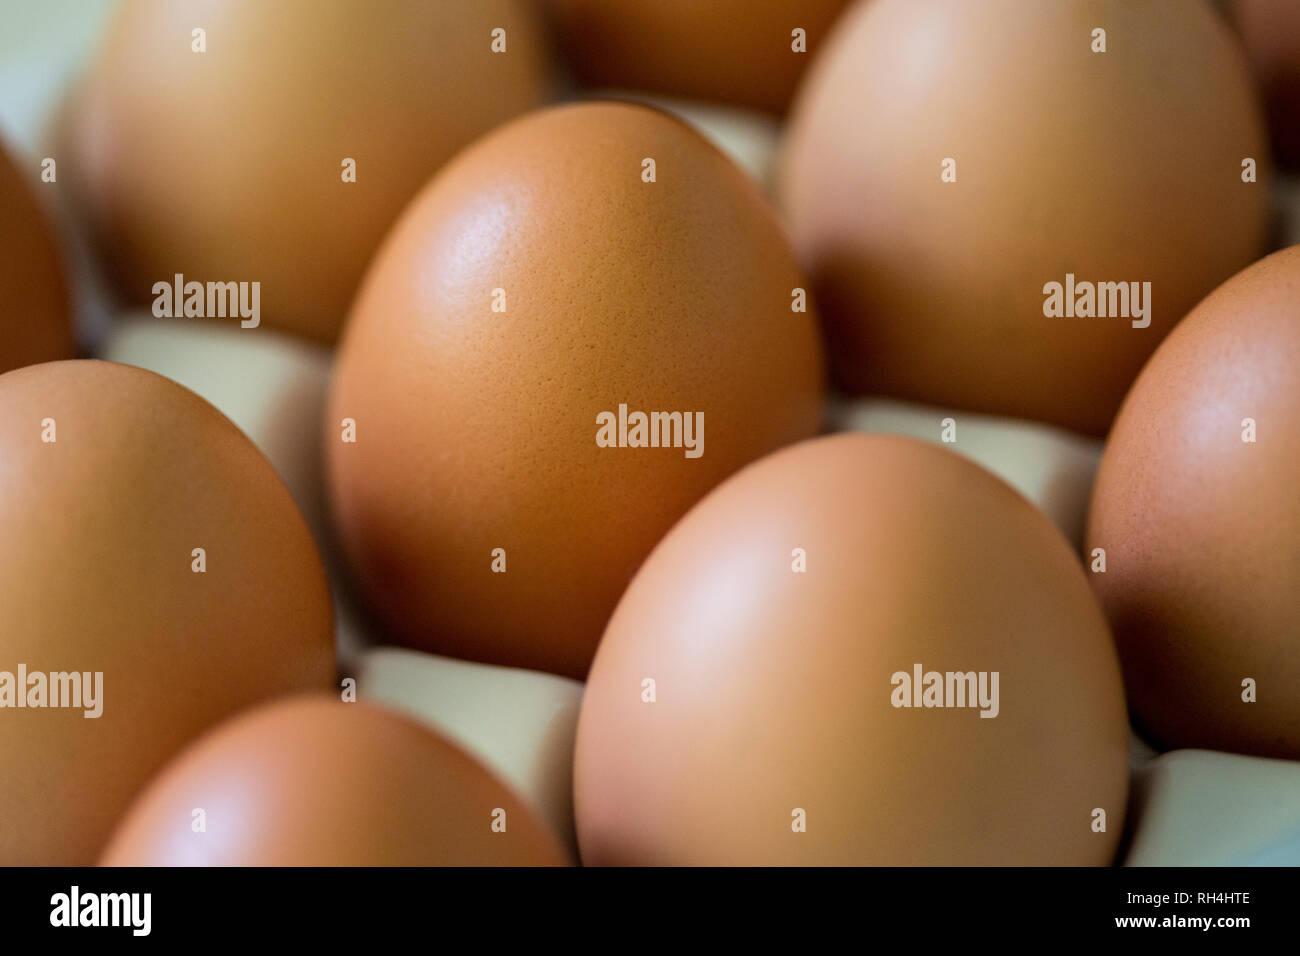 brown eggs in egg holder. - Stock Image